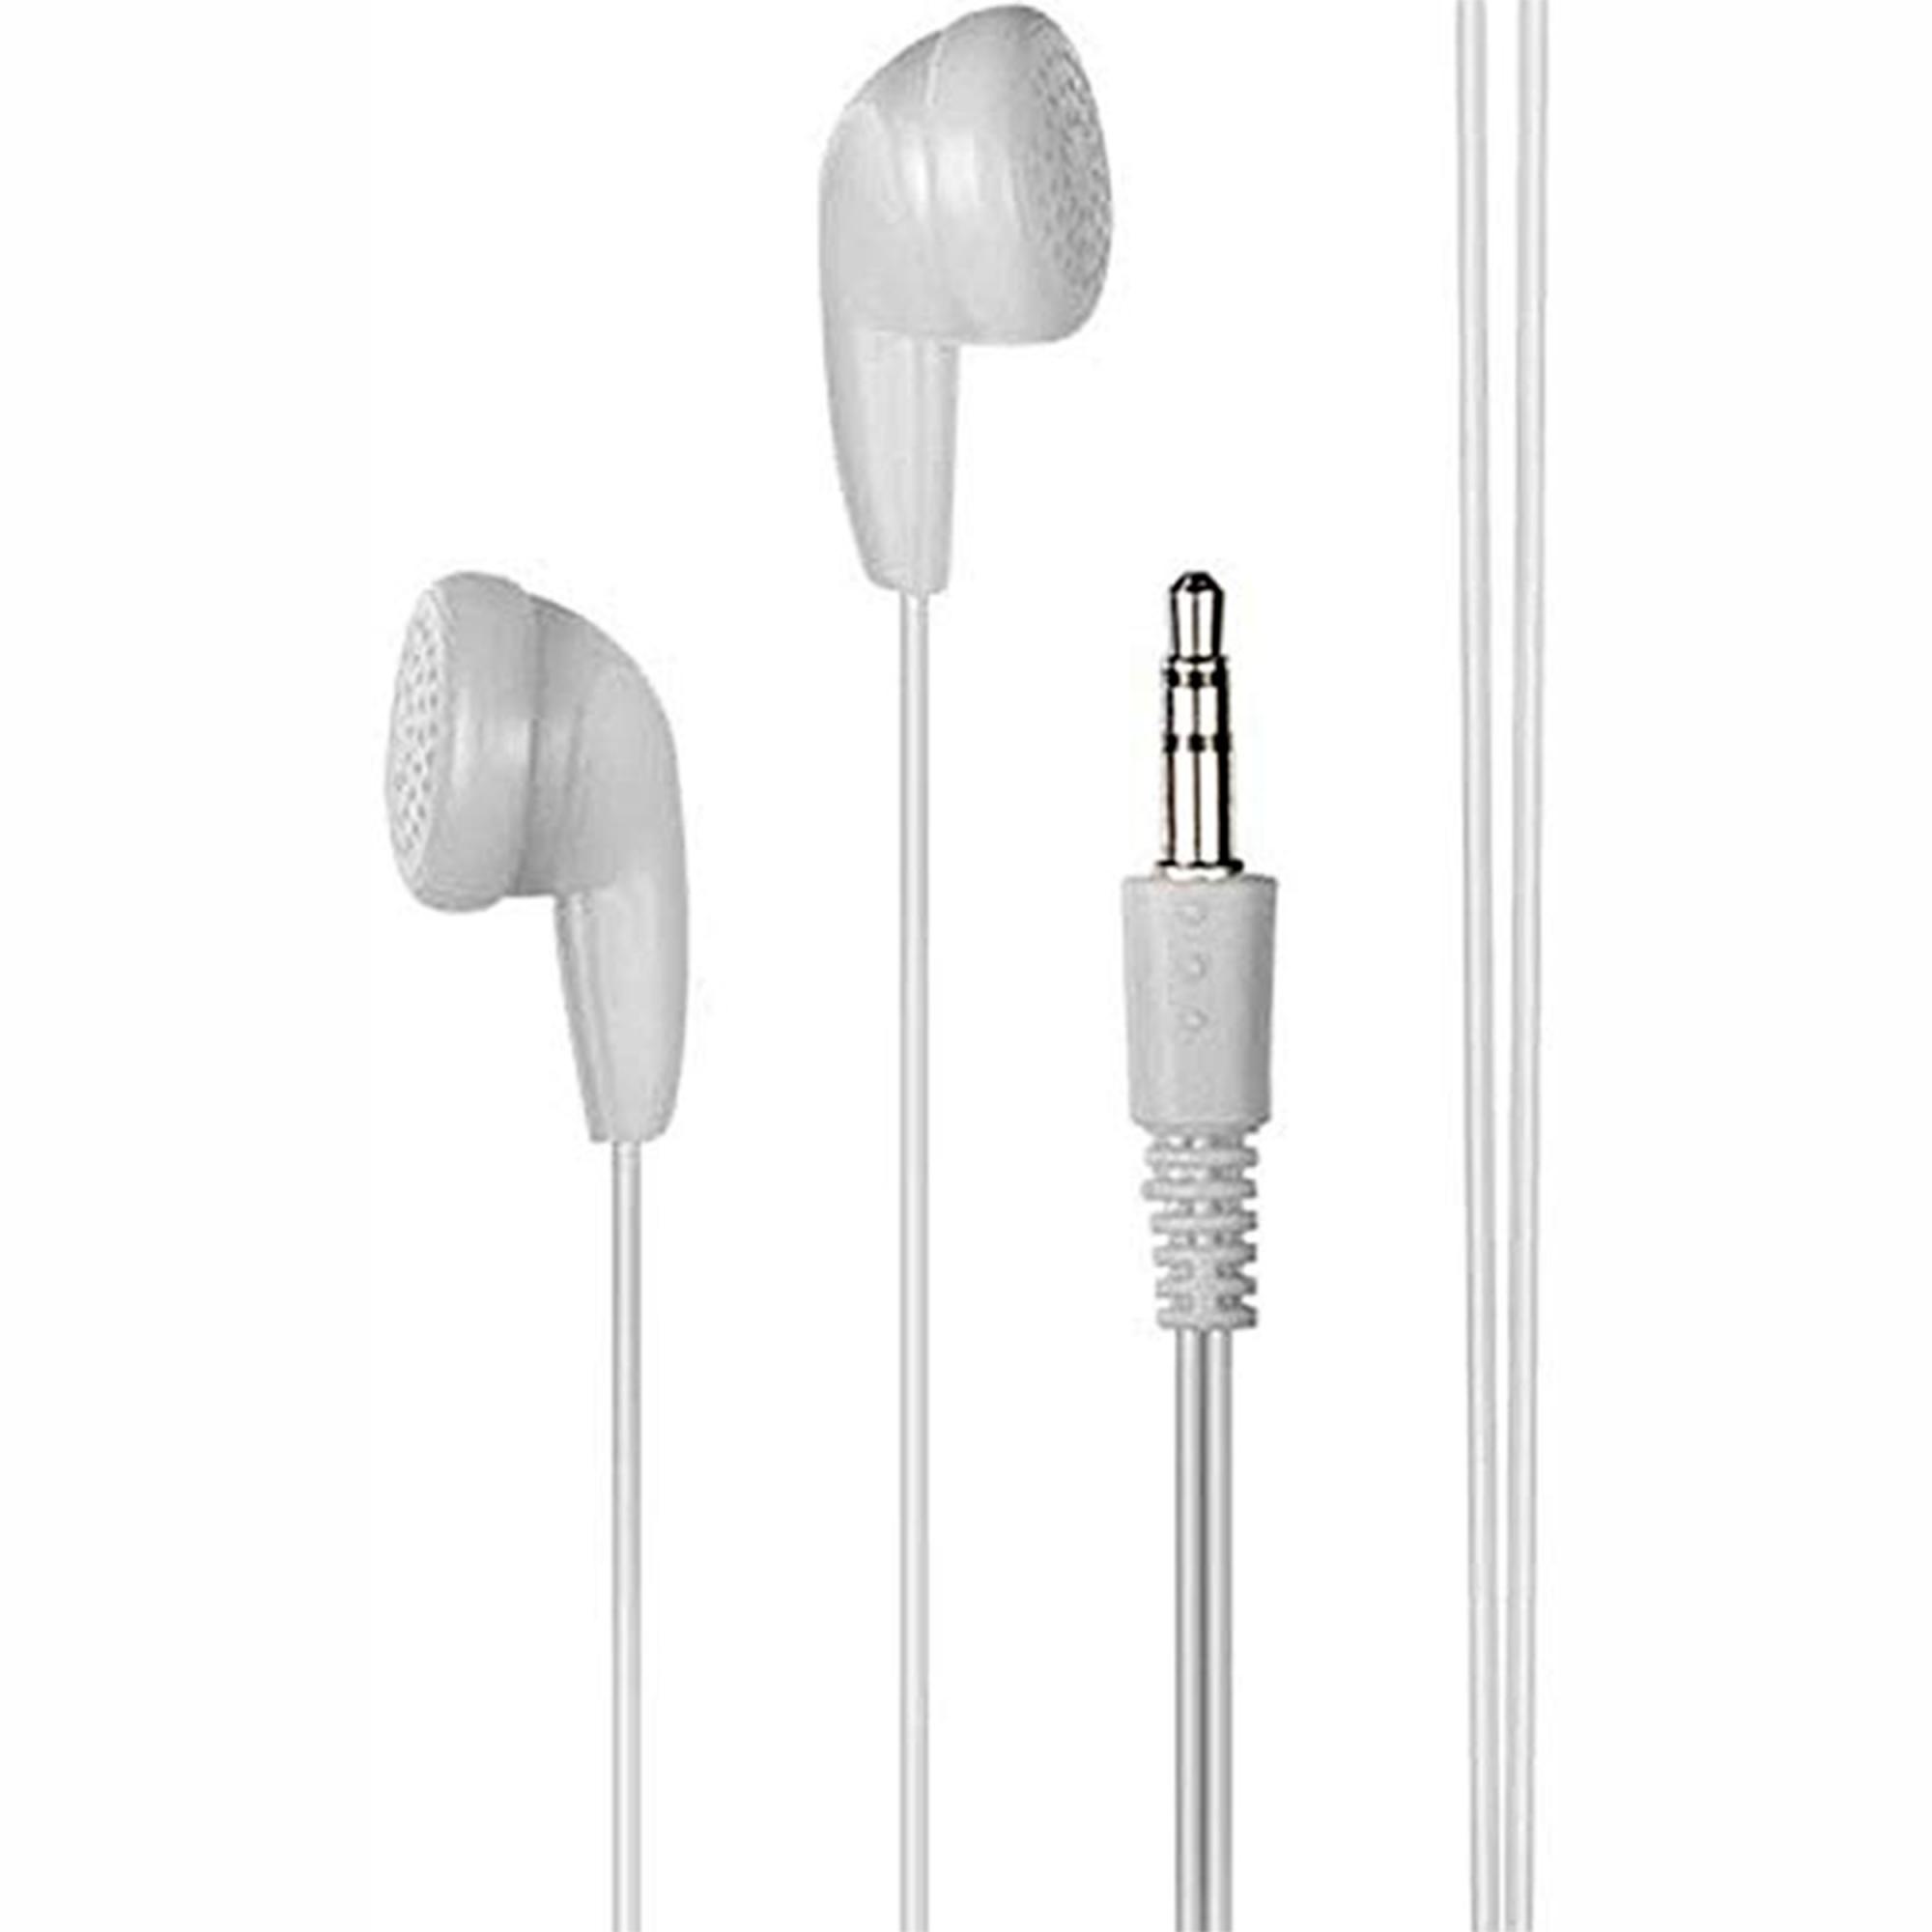 FONE EARPHONE BRANCO PH313 MULTILASER